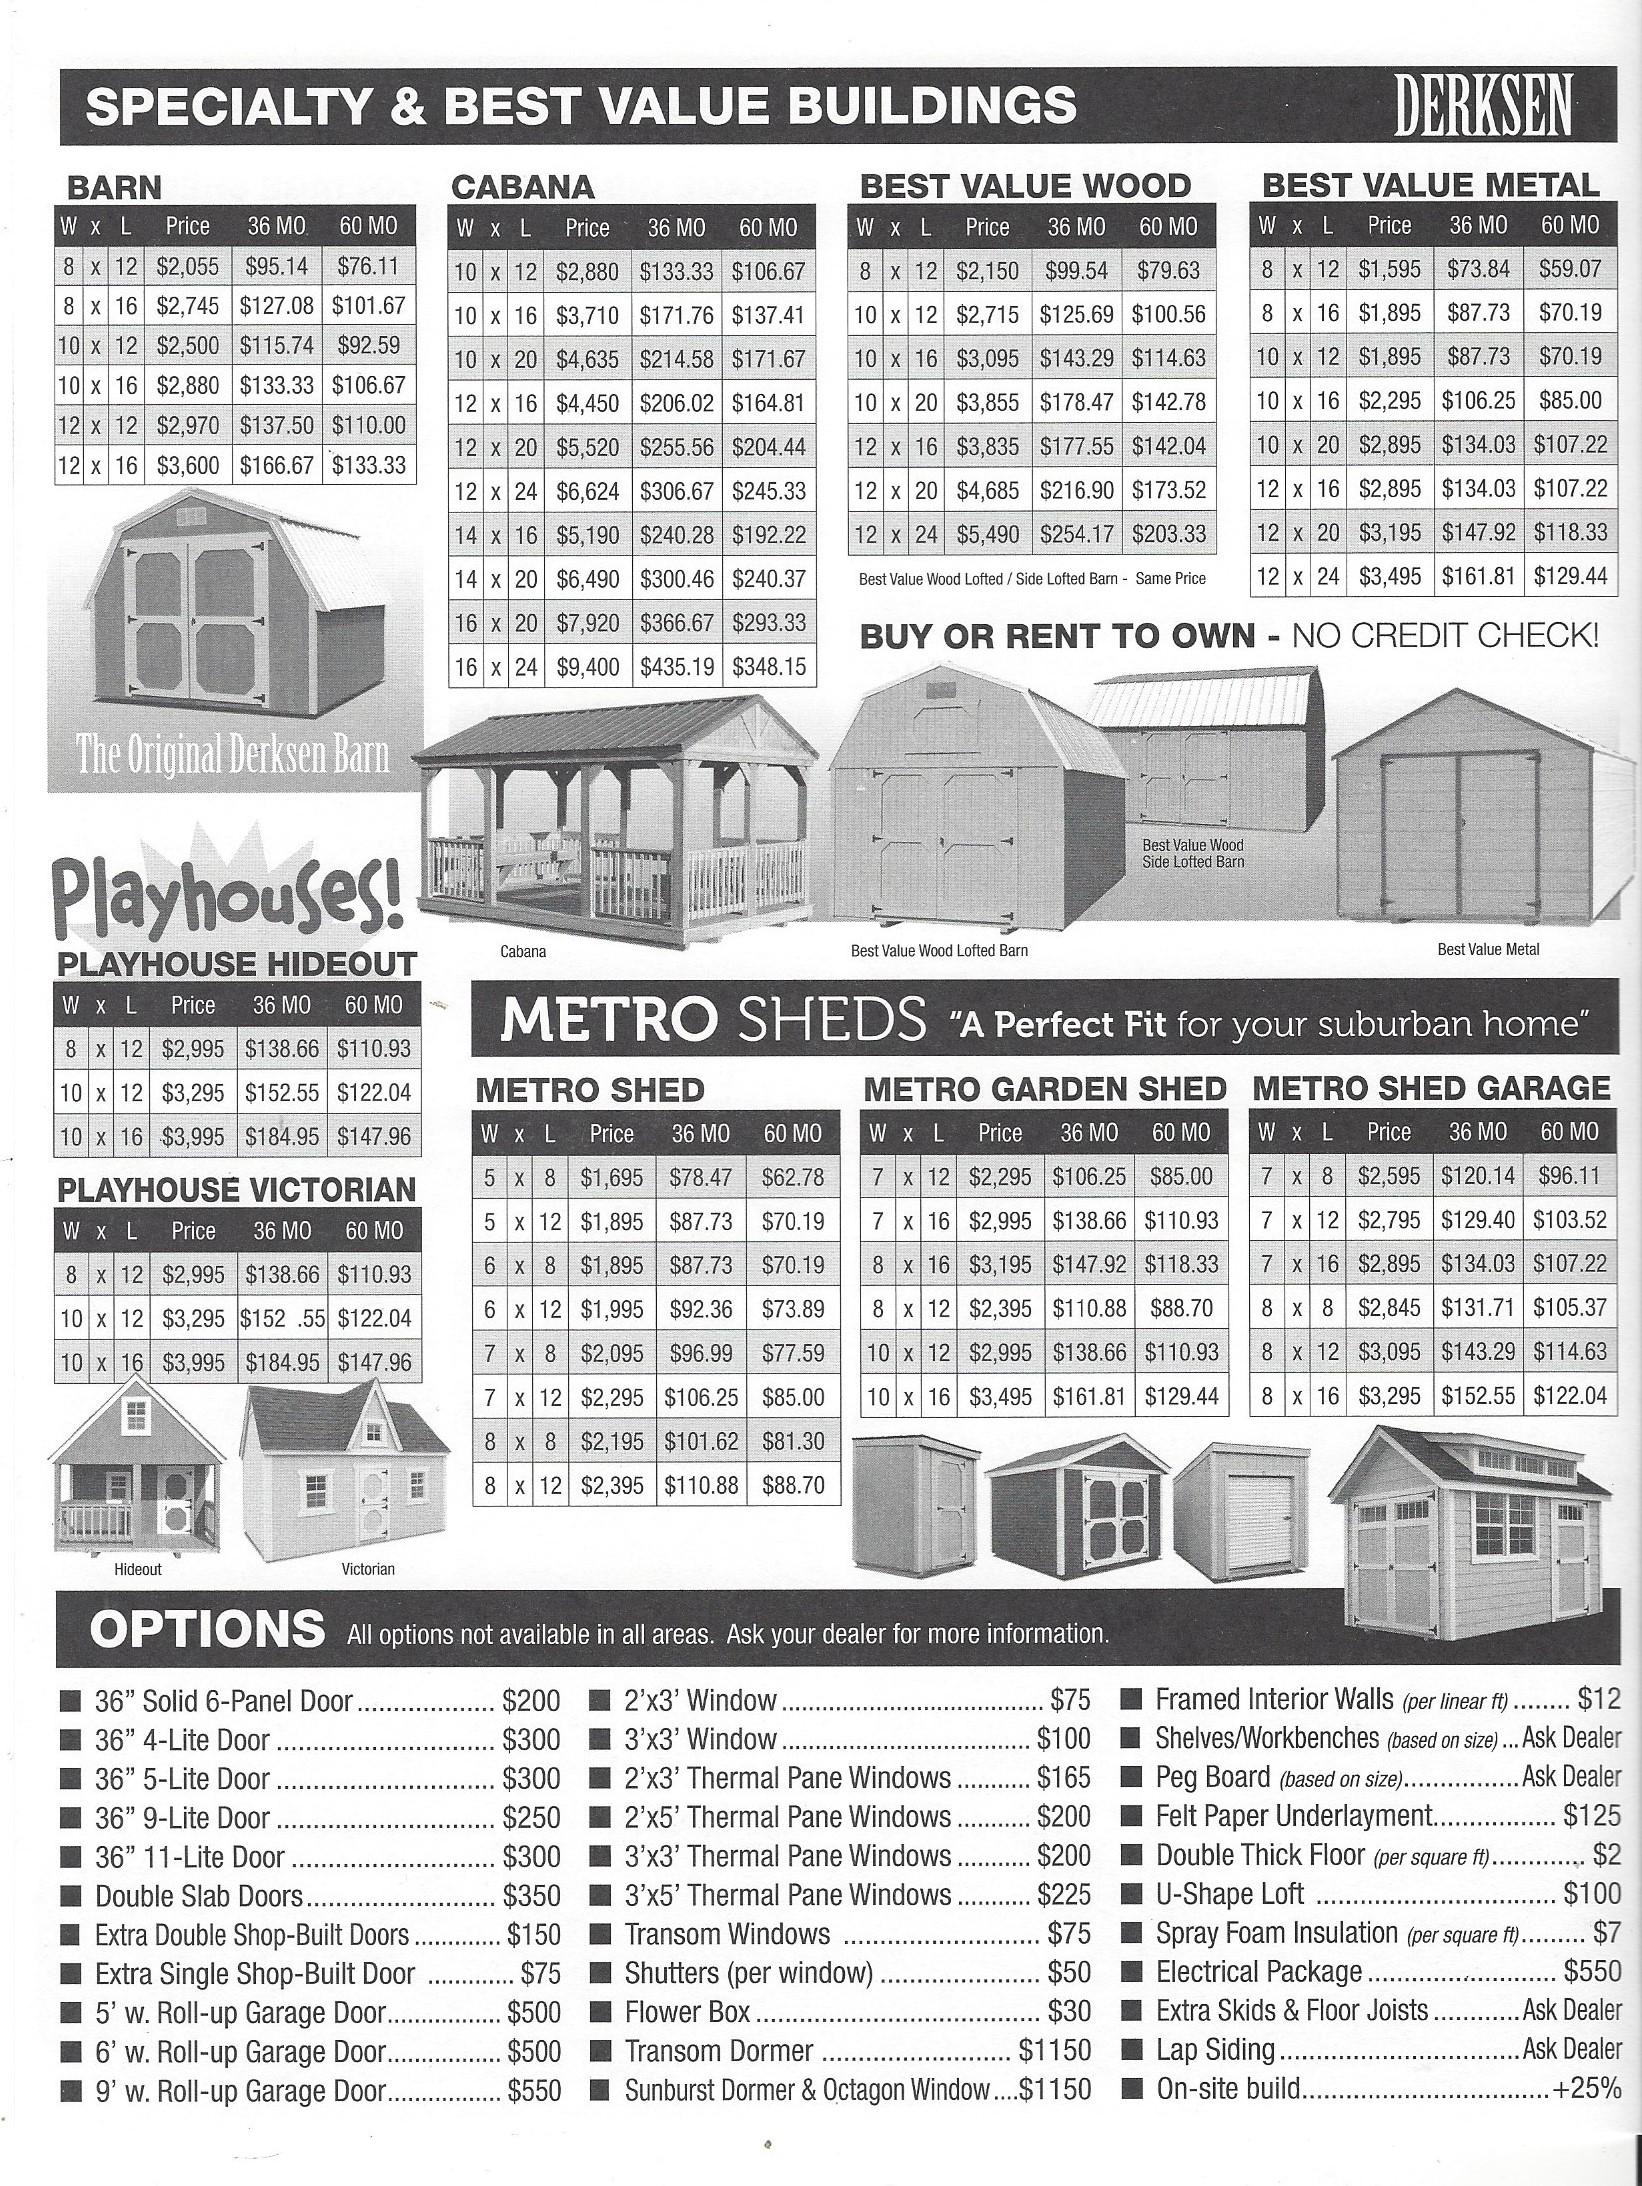 Derksen Cabin Prices